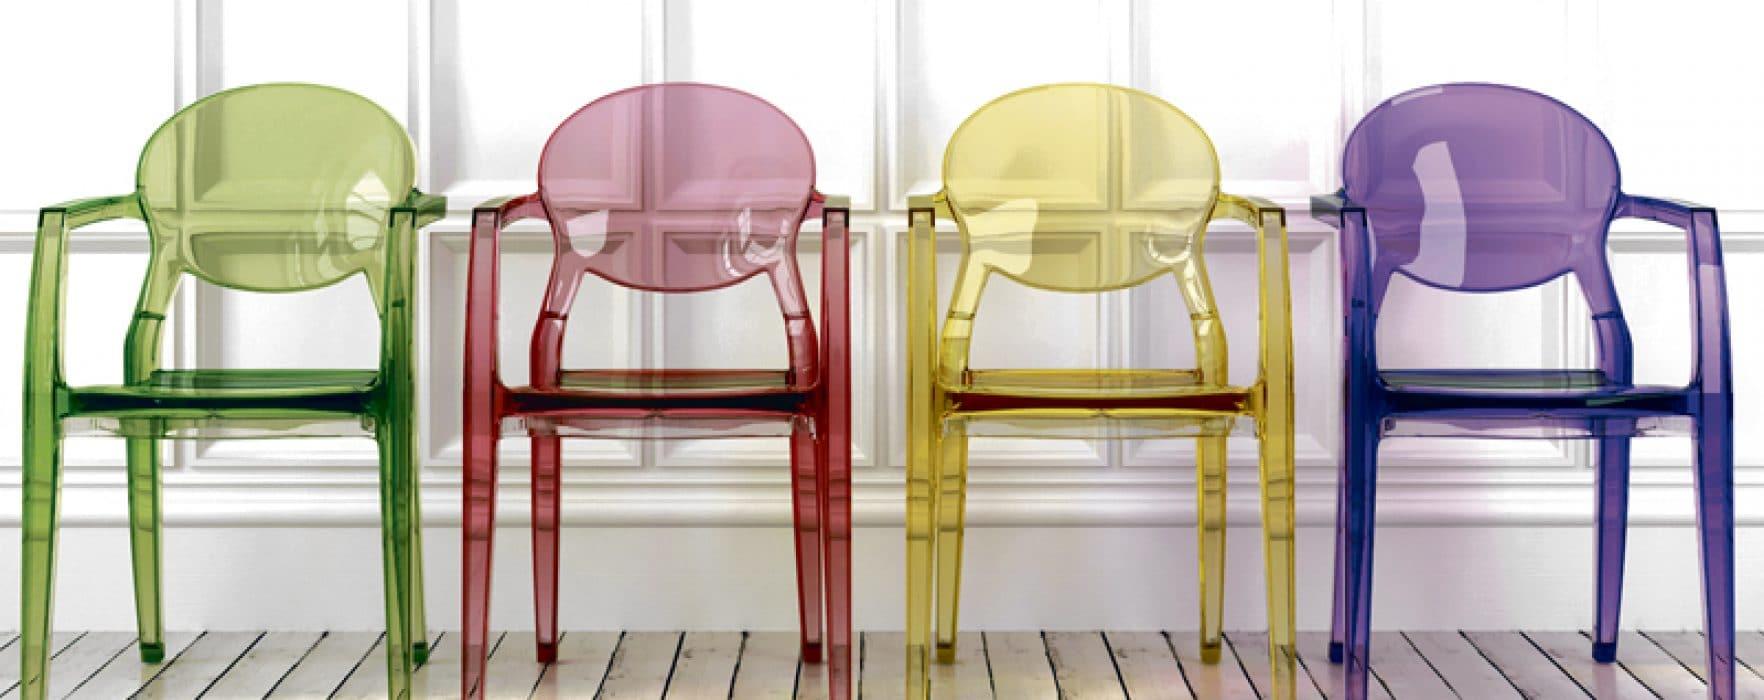 chaises colorées plexiglass